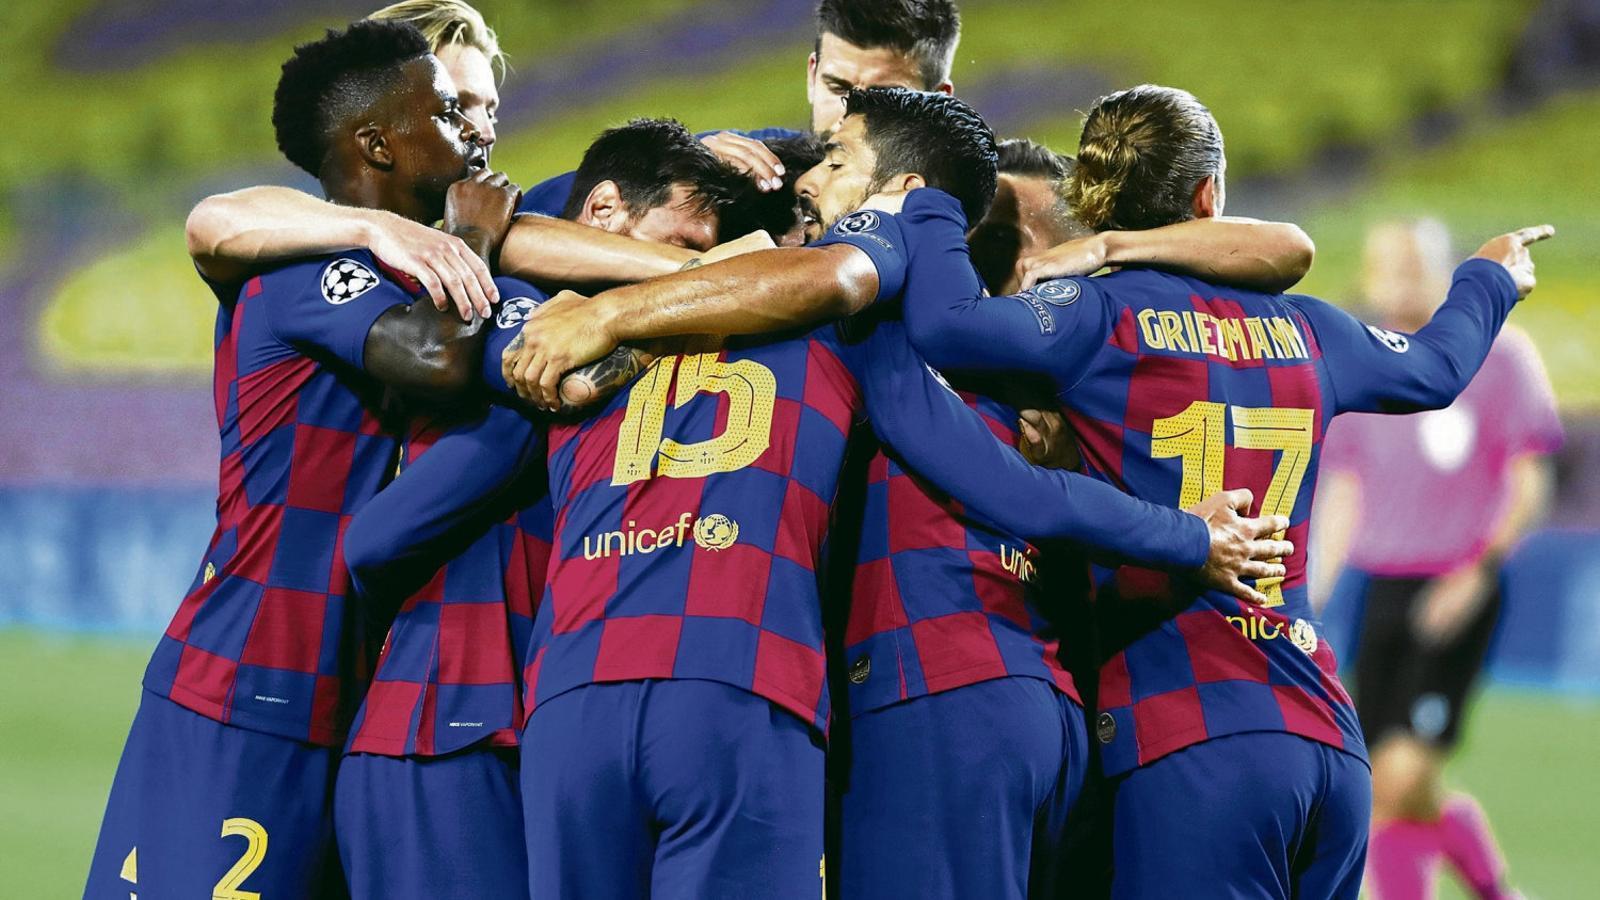 El Barça celebrant un dels tres gols que va marcar dissabte contra el Nàpols en un Camp Nou completament buit.